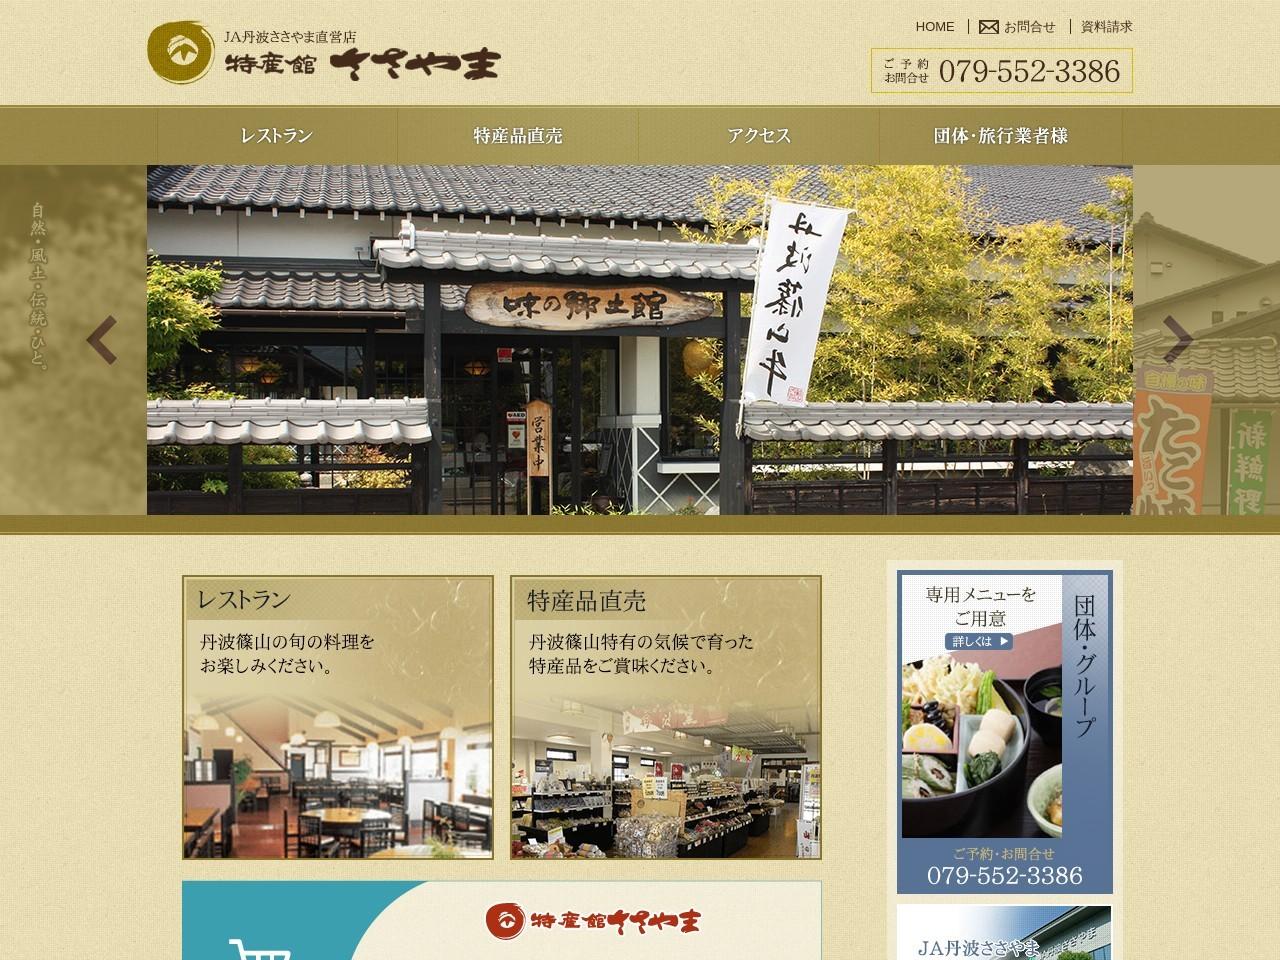 篠山 ぼたん鍋・郷土料理|特産館ささやま(JA丹波ささやま直営店)